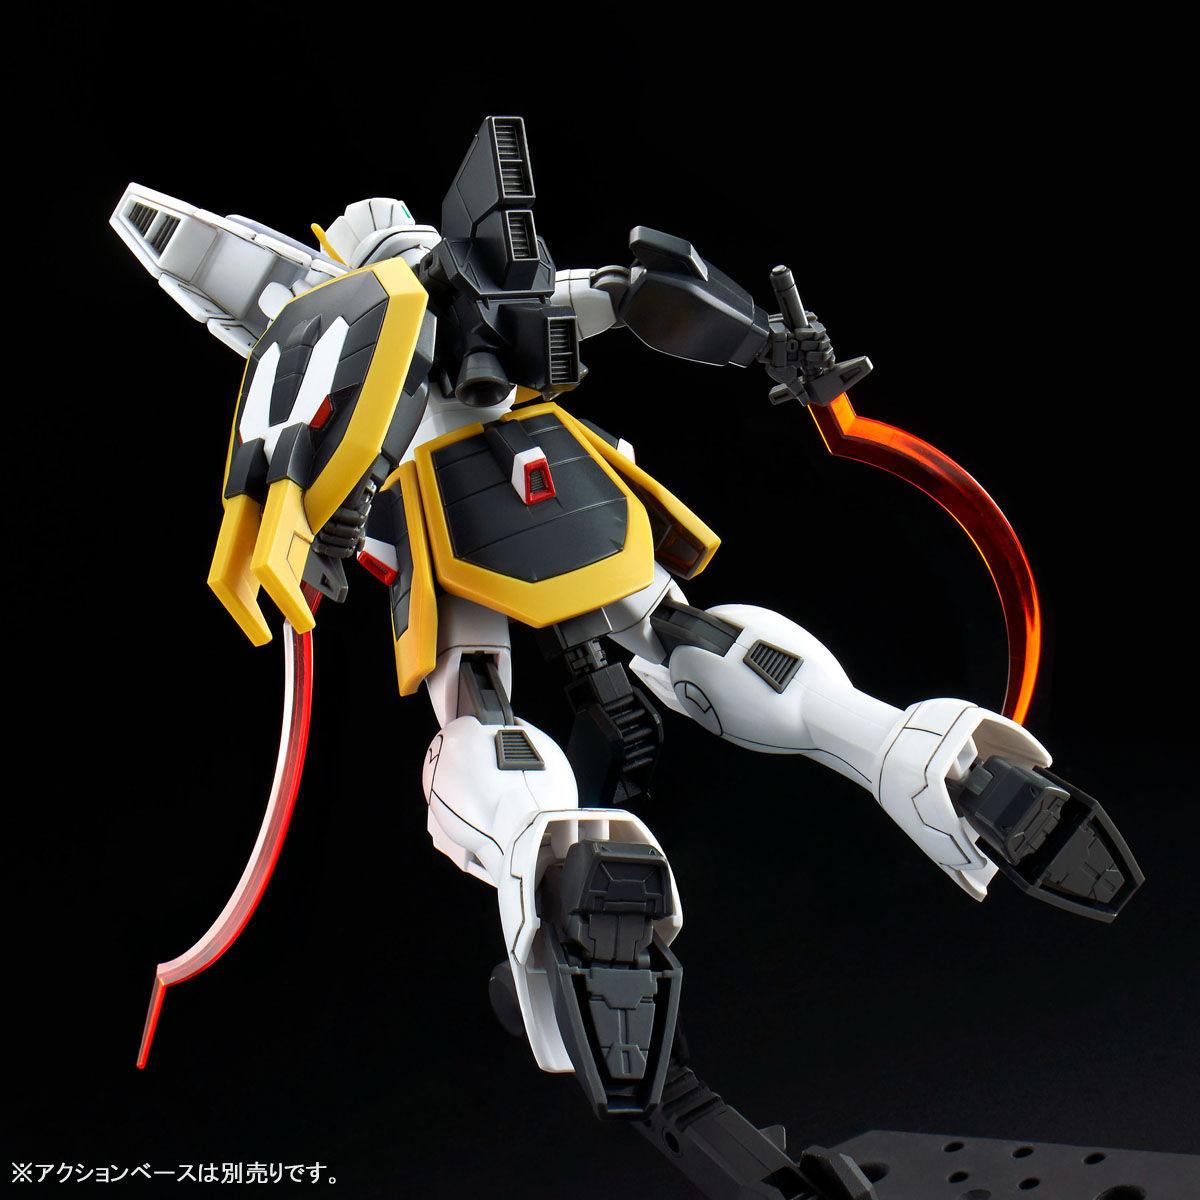 【限定販売】HG 1/144『ガンダムサンドロック改』新機動戦記ガンダムW プラモデル-006